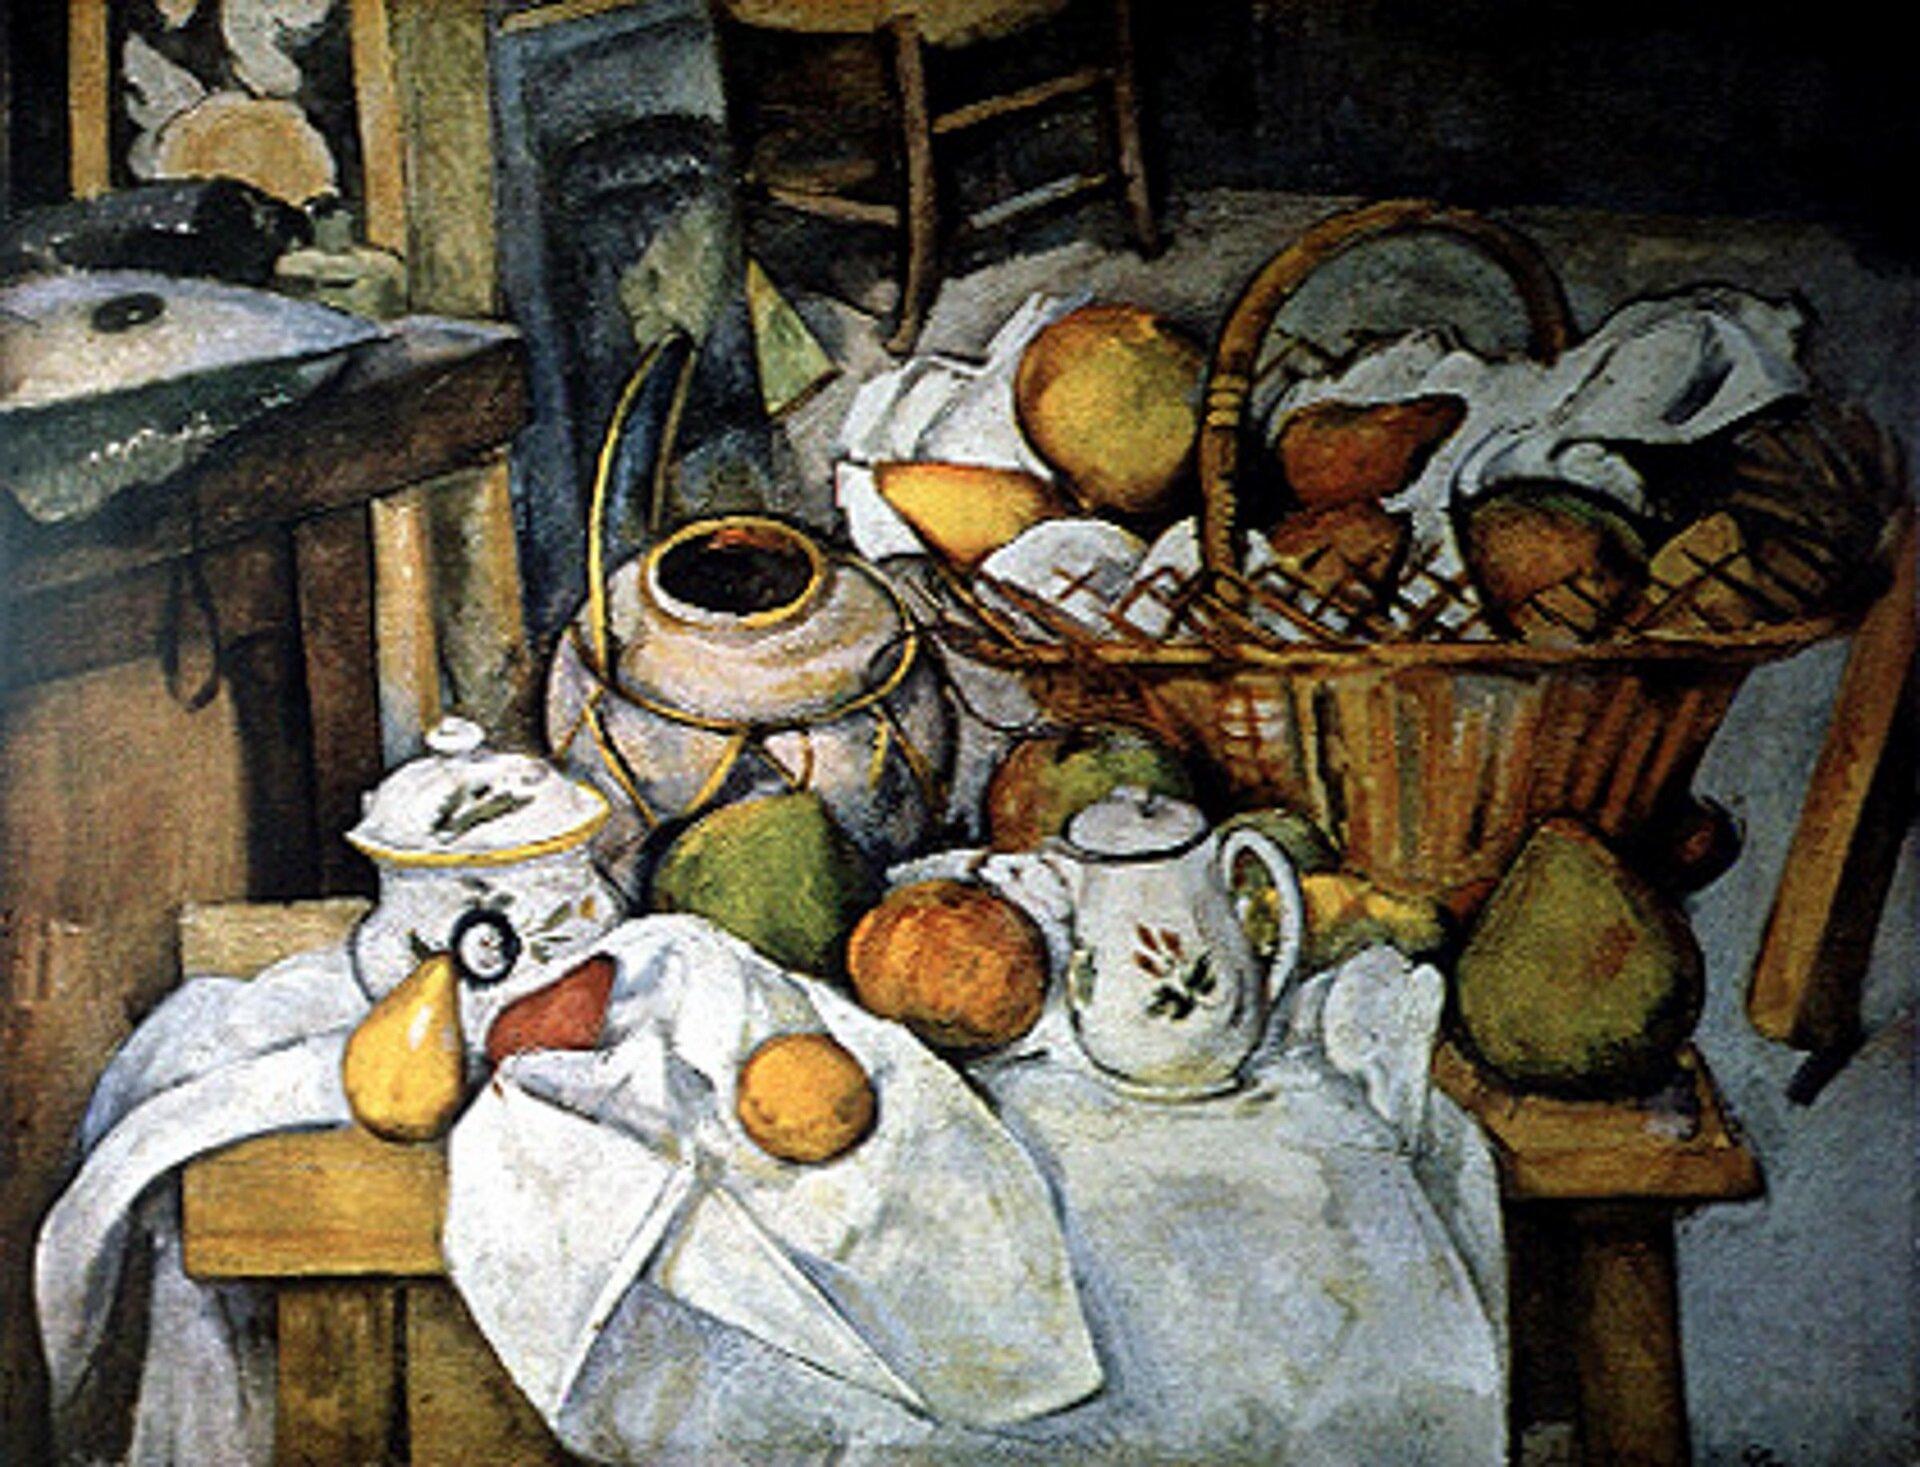 """Ilustracja przedstawia obraz Paula Cézanne pt. """"Kuchenny stół"""". Dzieło powstało wlatach 1888-1890. Na obrazie został przedstawiony stół zjasnym nakryciem. Ustawione są na nim naczynia oraz kosz zapełniony owocami. Widzimy także pojedyncze owoce: gruszki, jabłka. Ulubioną tematyką artysty były pejzaże, portrety, atakże martwa natura. Cézanne zajmował się głównie malowaniem owoców, stołów, krzeseł przedstawiając je wspecyficzny sposób."""